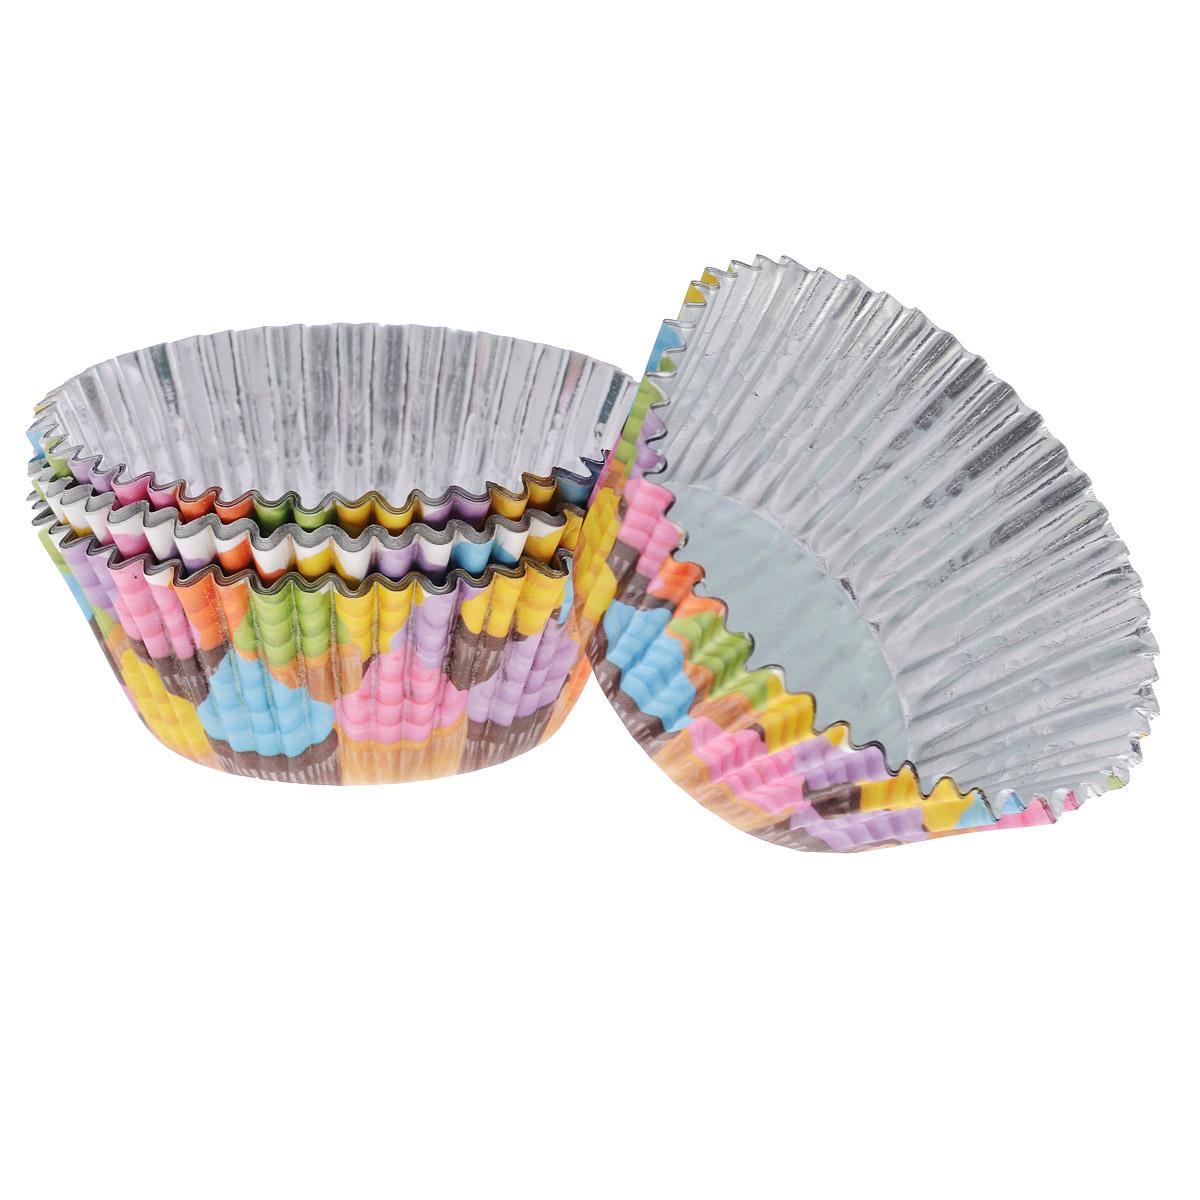 Набор бумажных форм для кексов Wilton Кексы, диаметр 7 см, 36 штWLT-415-2150Набор Wilton Кексы состоит из 36 бумажных форм для кексов. Они предназначены для выпечки и упаковки кондитерских изделий, также могут использоваться для сервировки орешков, конфет и др. Внутри формы оснащены специальным фольгированным вкладышем, благодаря которому изделия не требуют предварительной смазки маслом или жиром. Гофрированные бумажные формы идеальны для выпечки кексов, булочек и пирожных. Высота стенки: 3 см. Диаметр (по верхнему краю): 7 см. Диаметр дна: 5 см.